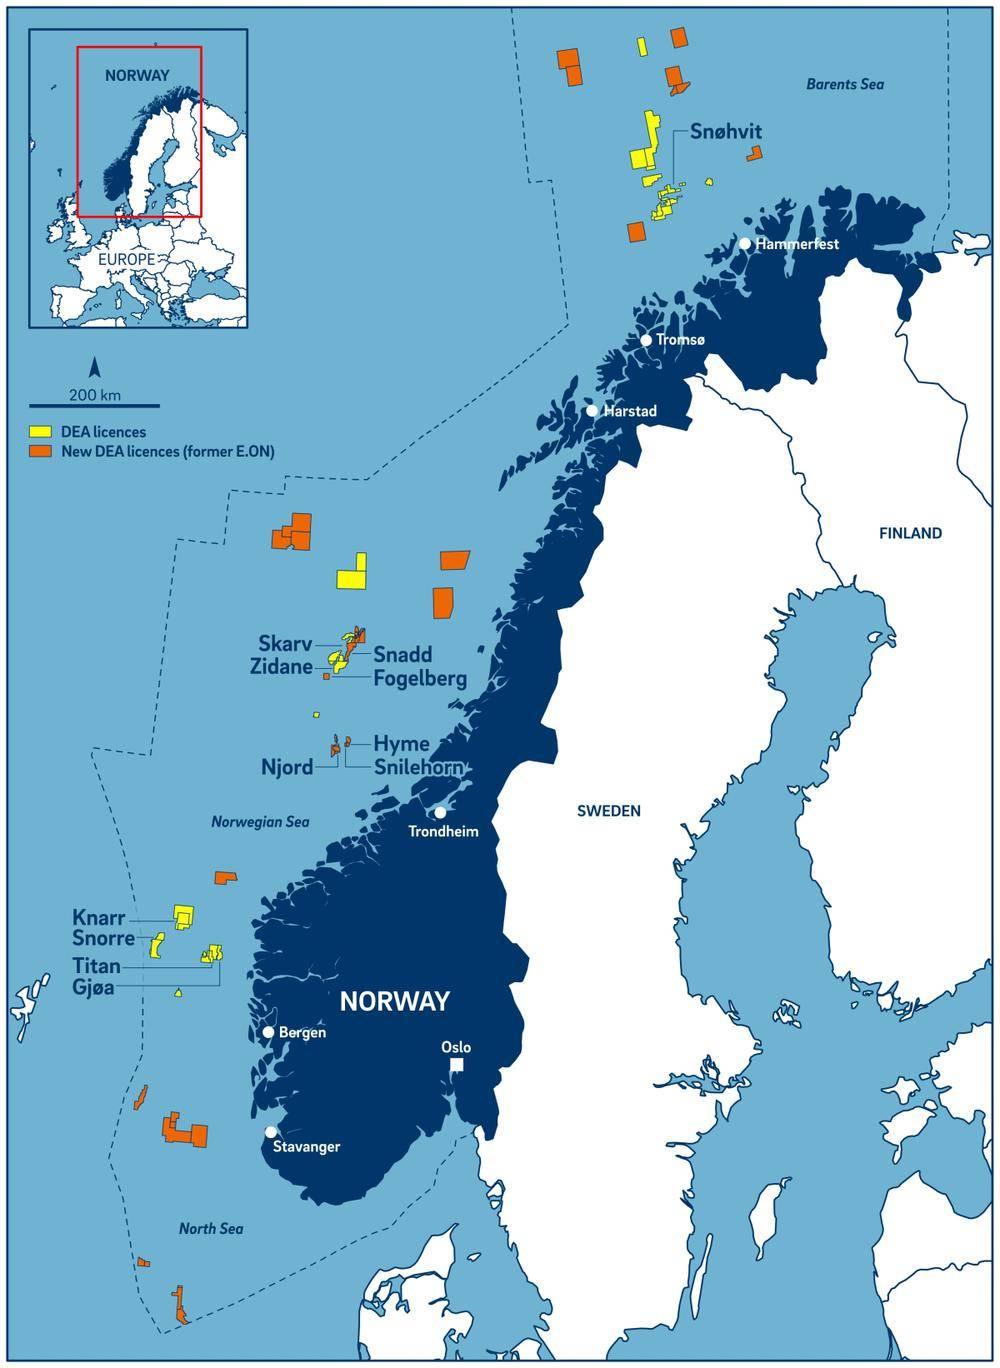 德国煤炭淘汰计划实施  将增加对挪威天然气的需求